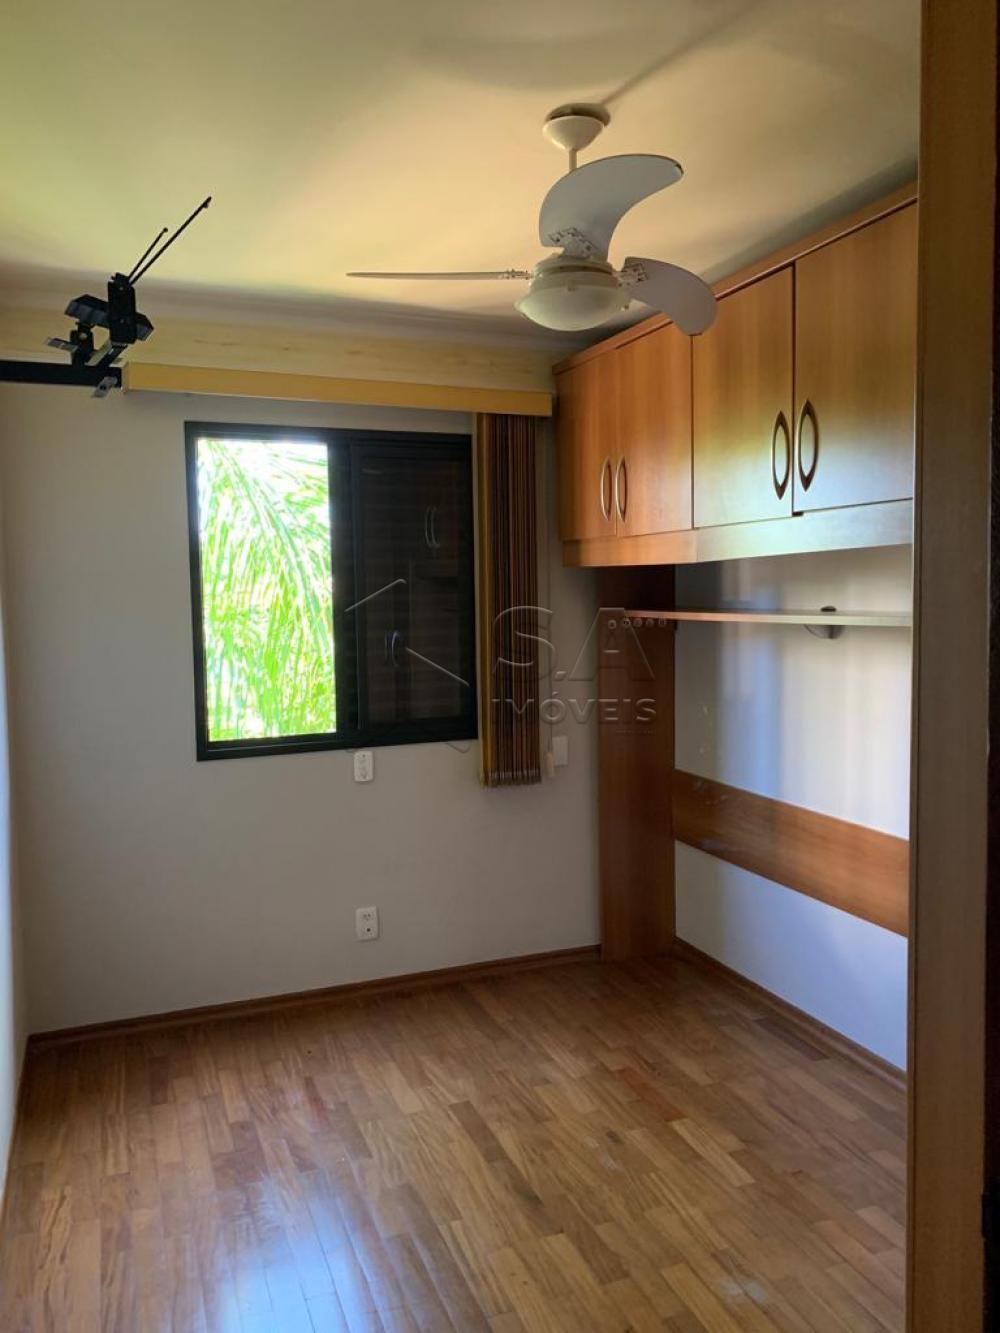 Comprar Apartamento / Padrão em São Carlos apenas R$ 300.000,00 - Foto 7